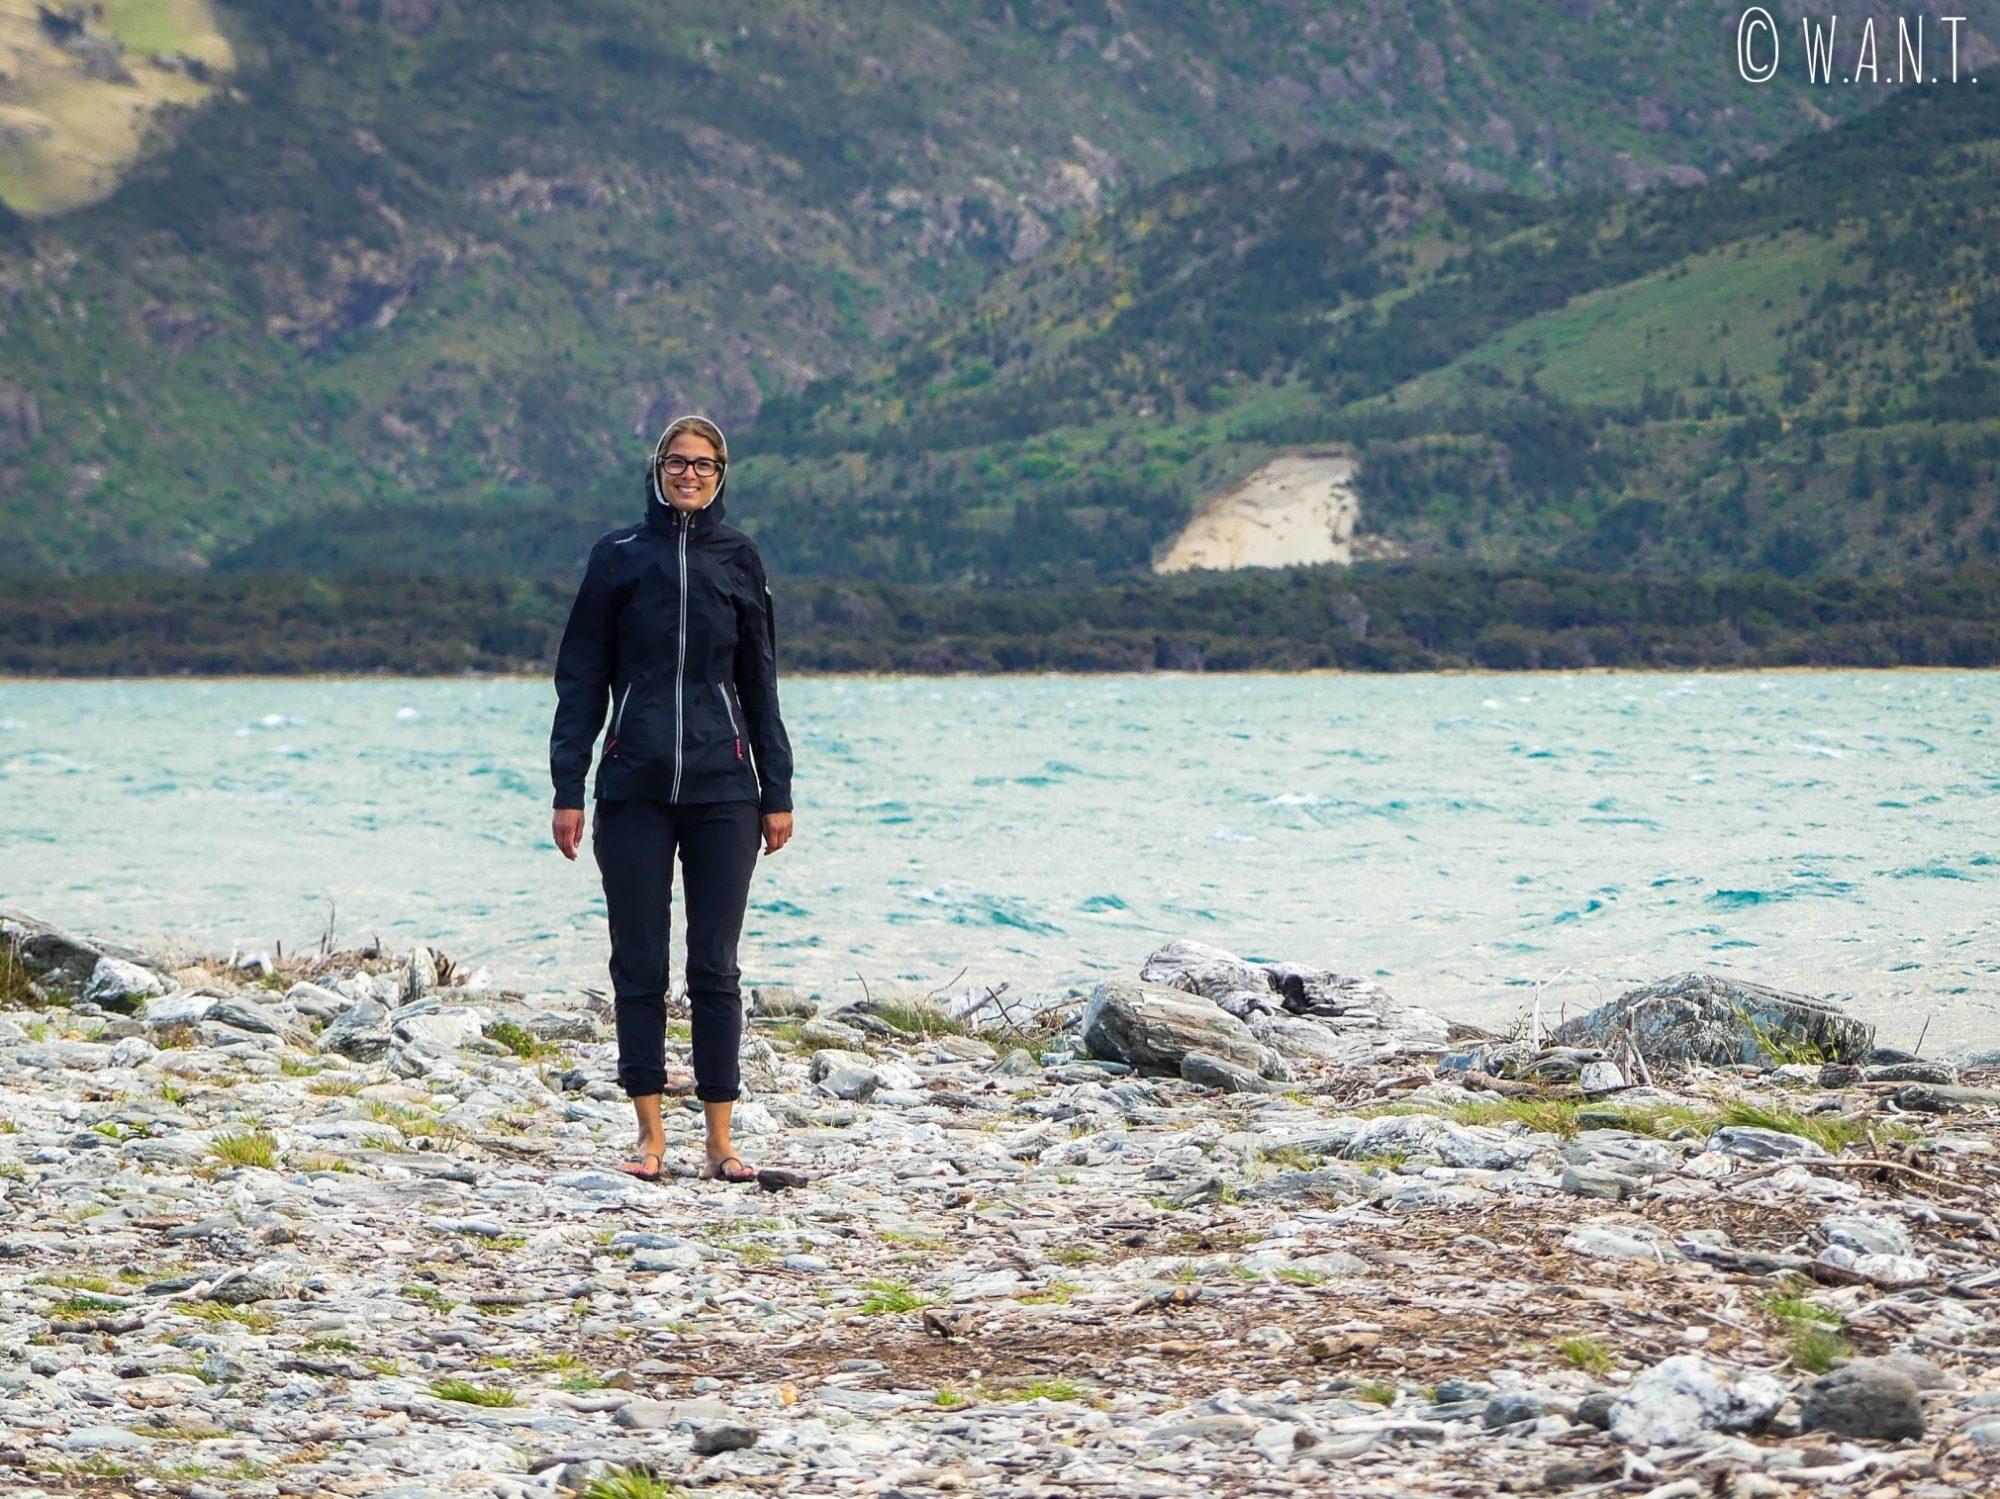 Promenade matinale au bord du Lac Wanaka en Nouvelle-Zélande